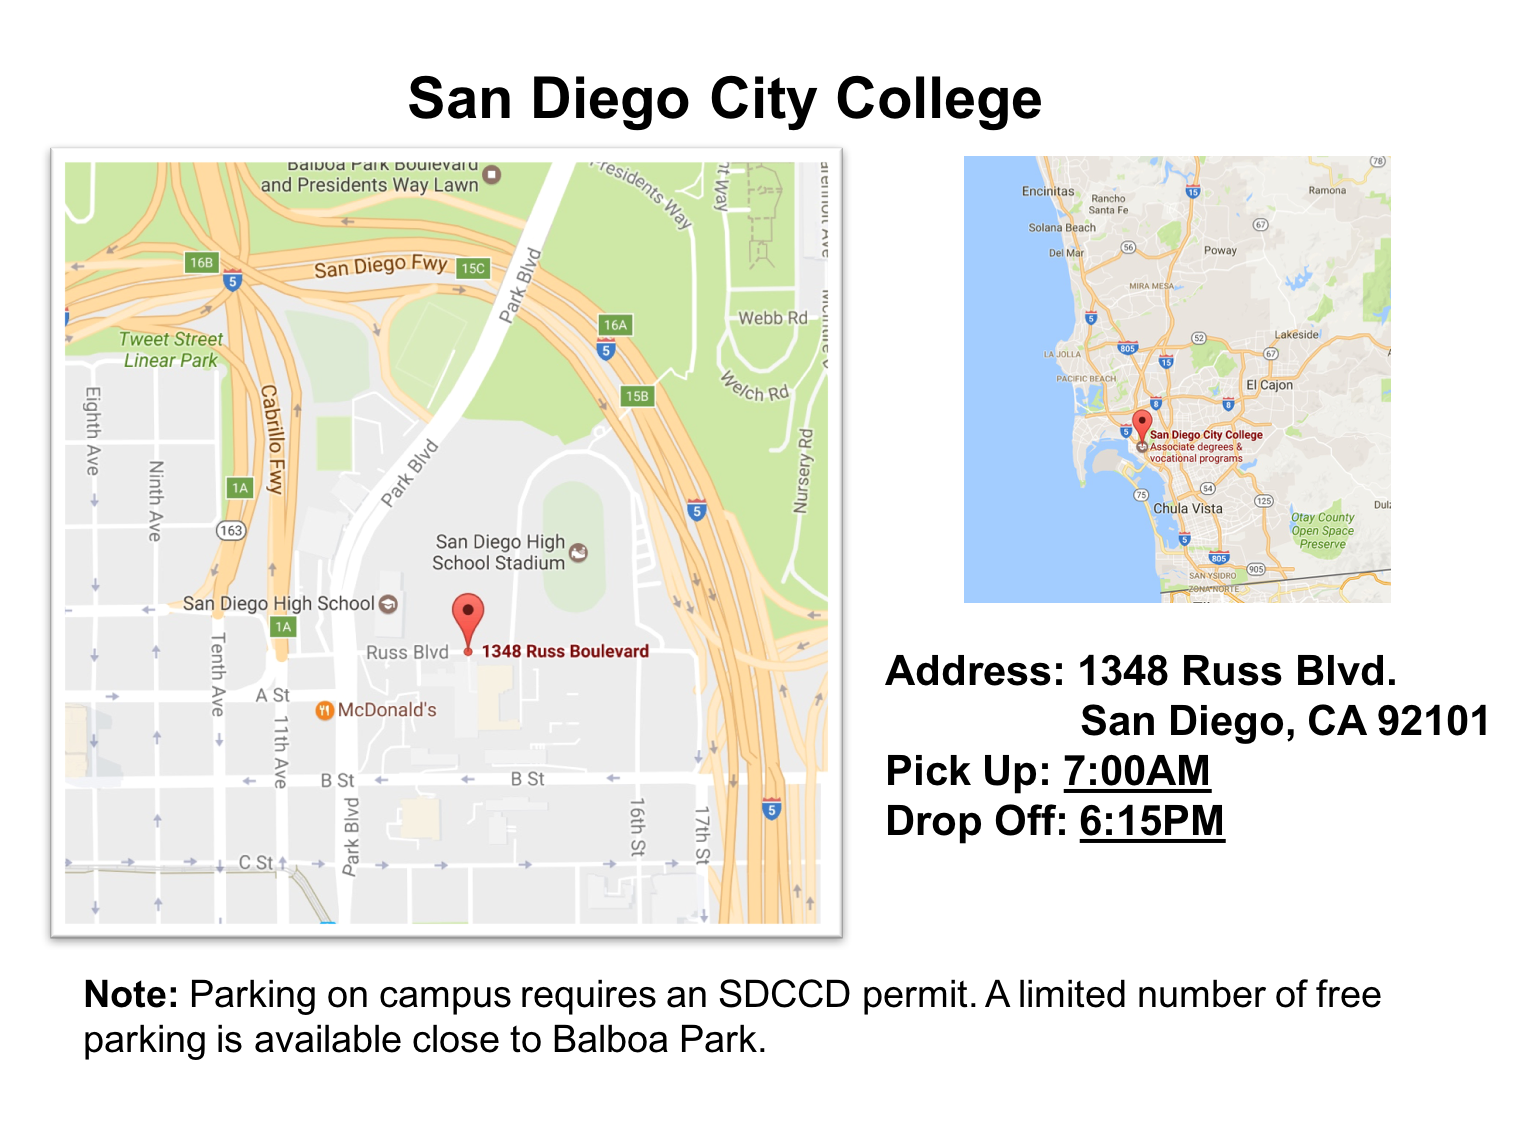 San Diego City College Details